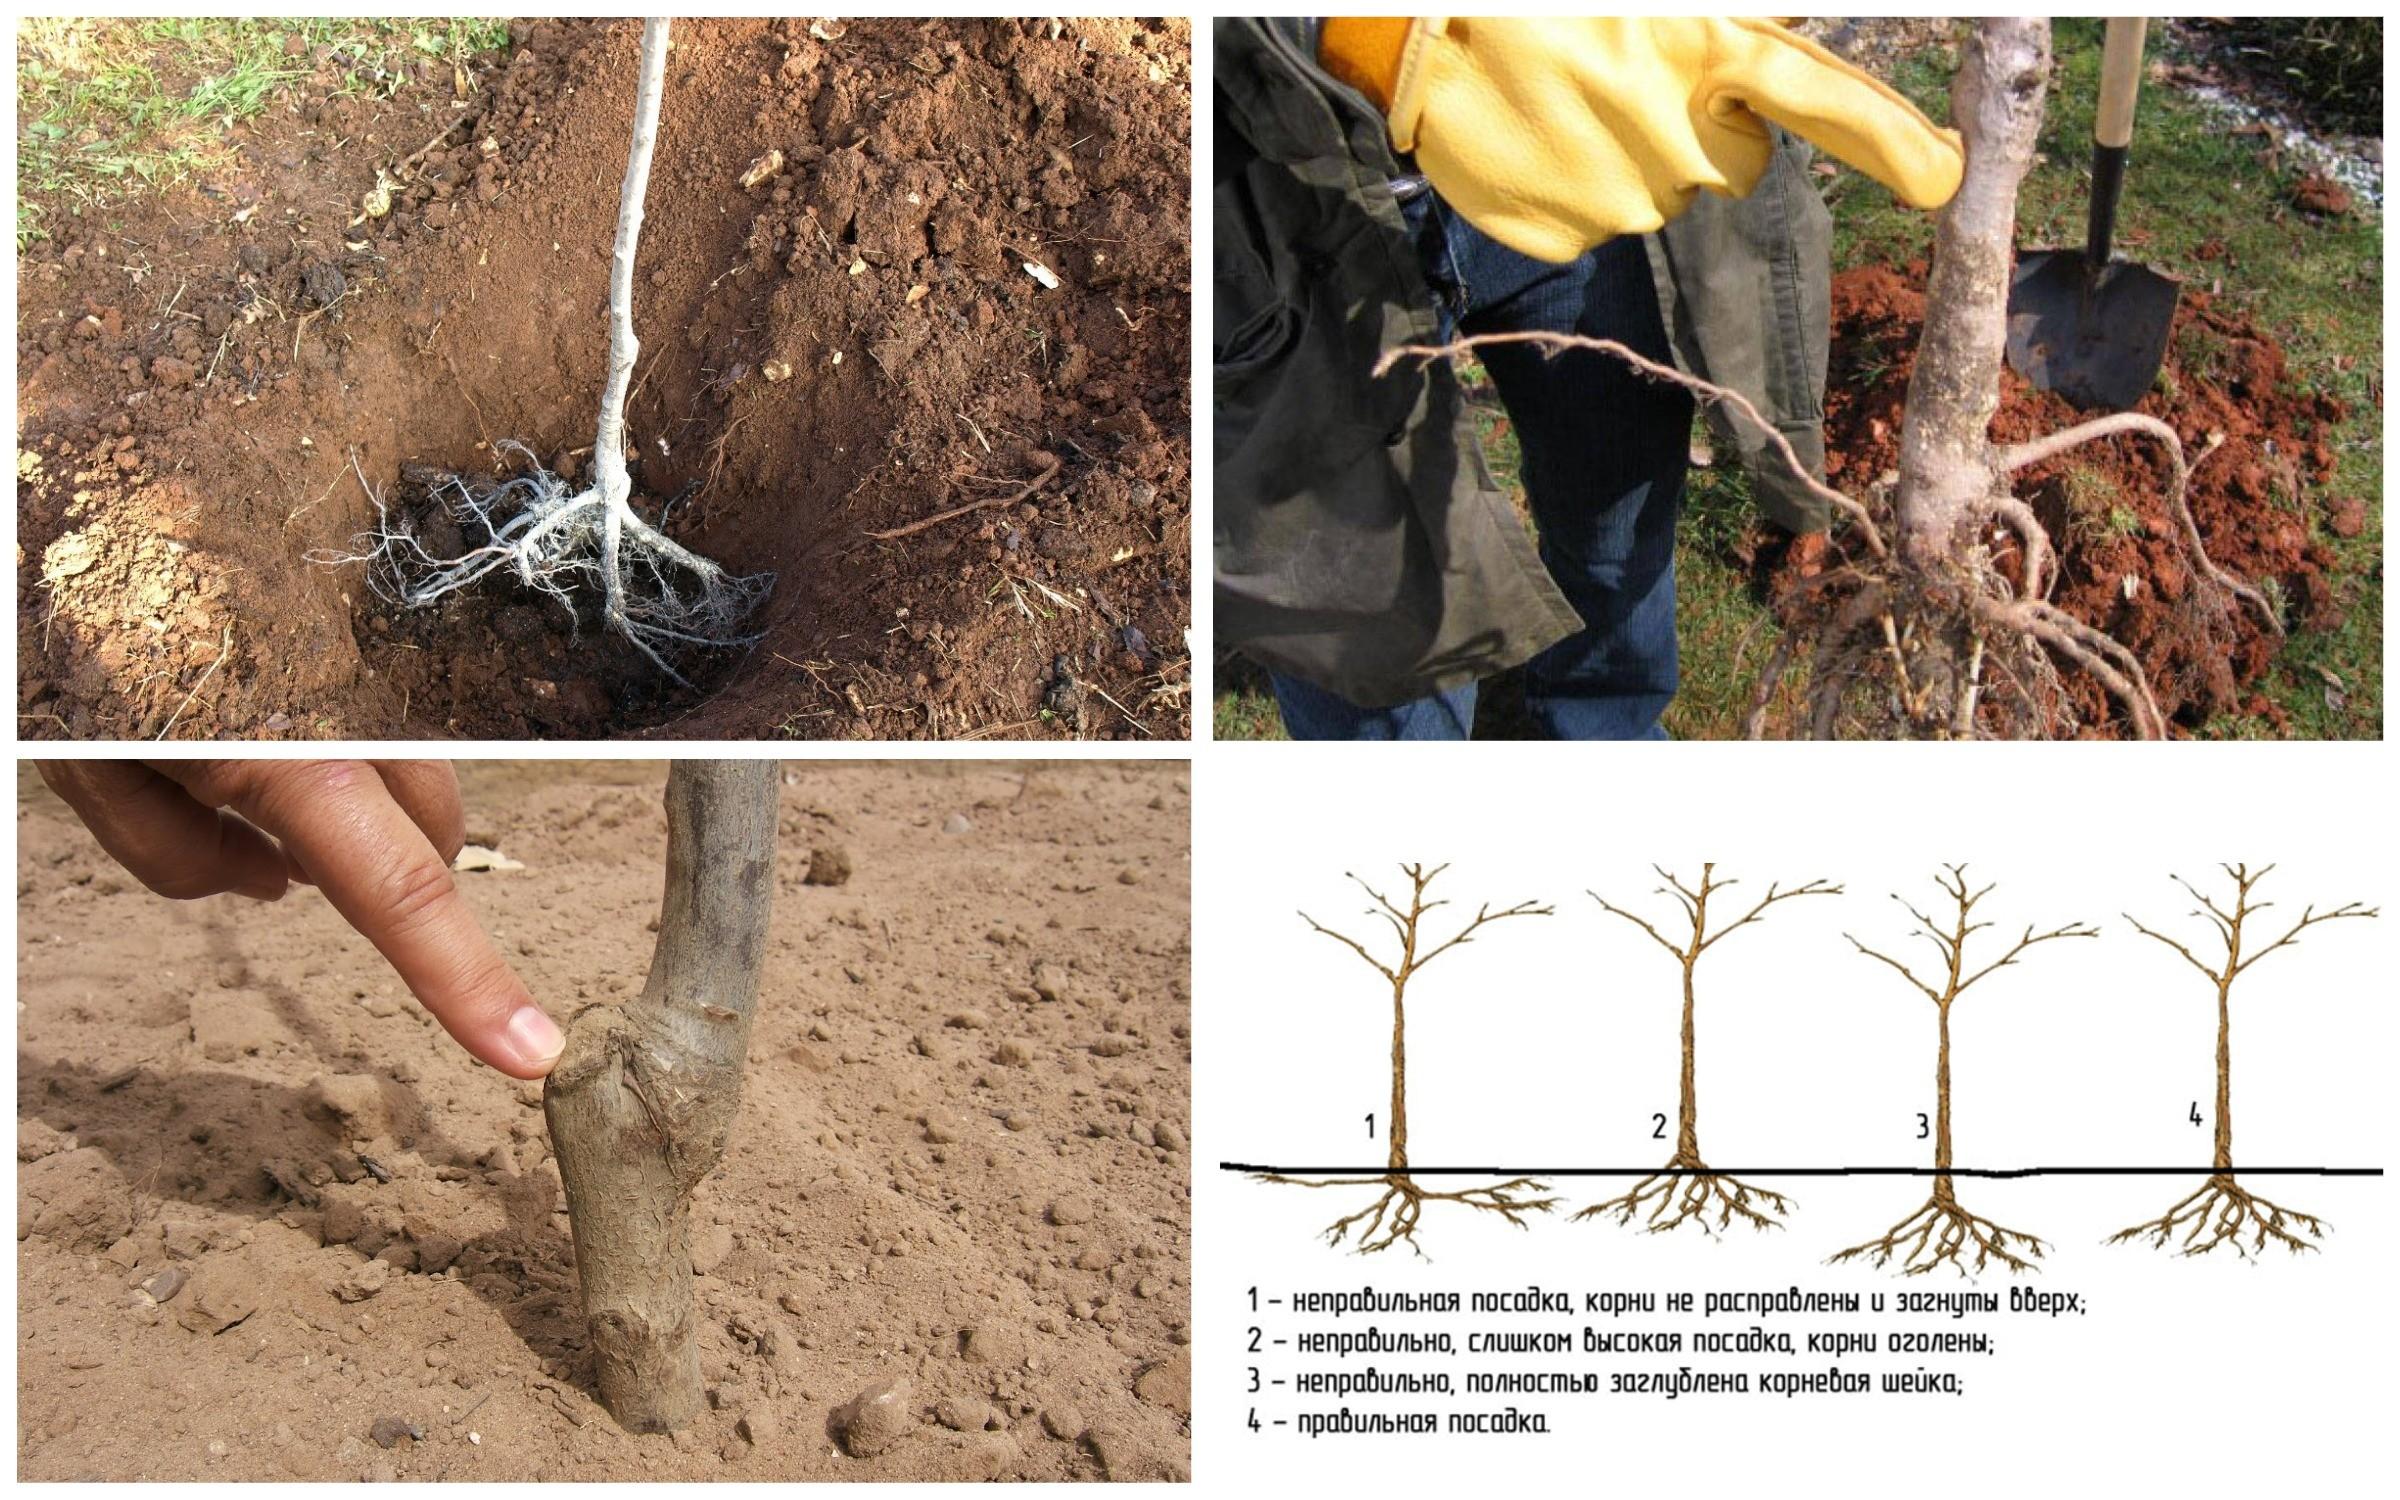 изображение правильная посадка корневой шейки и плодовых деревьев